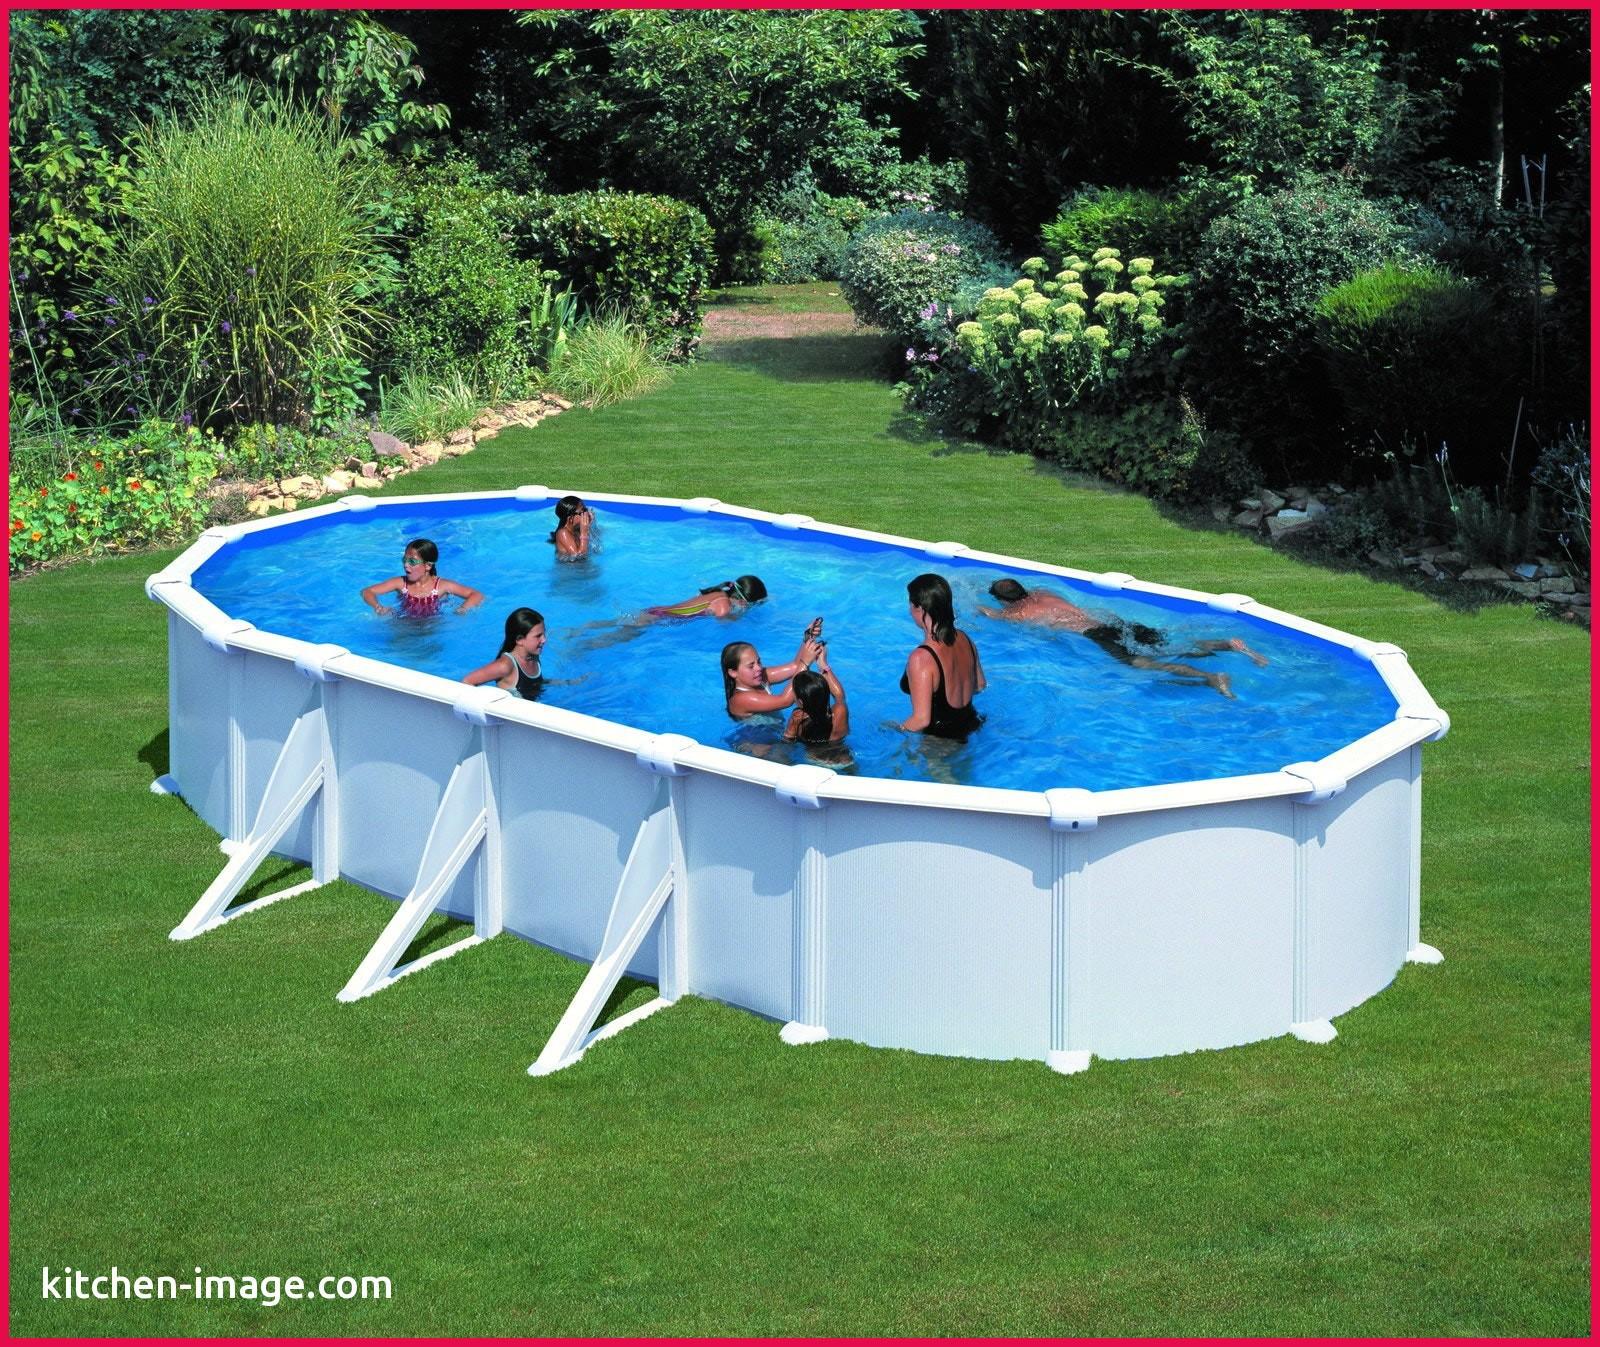 Aspirateur piscine hors sol castorama - Piscine hors sol castorama ...